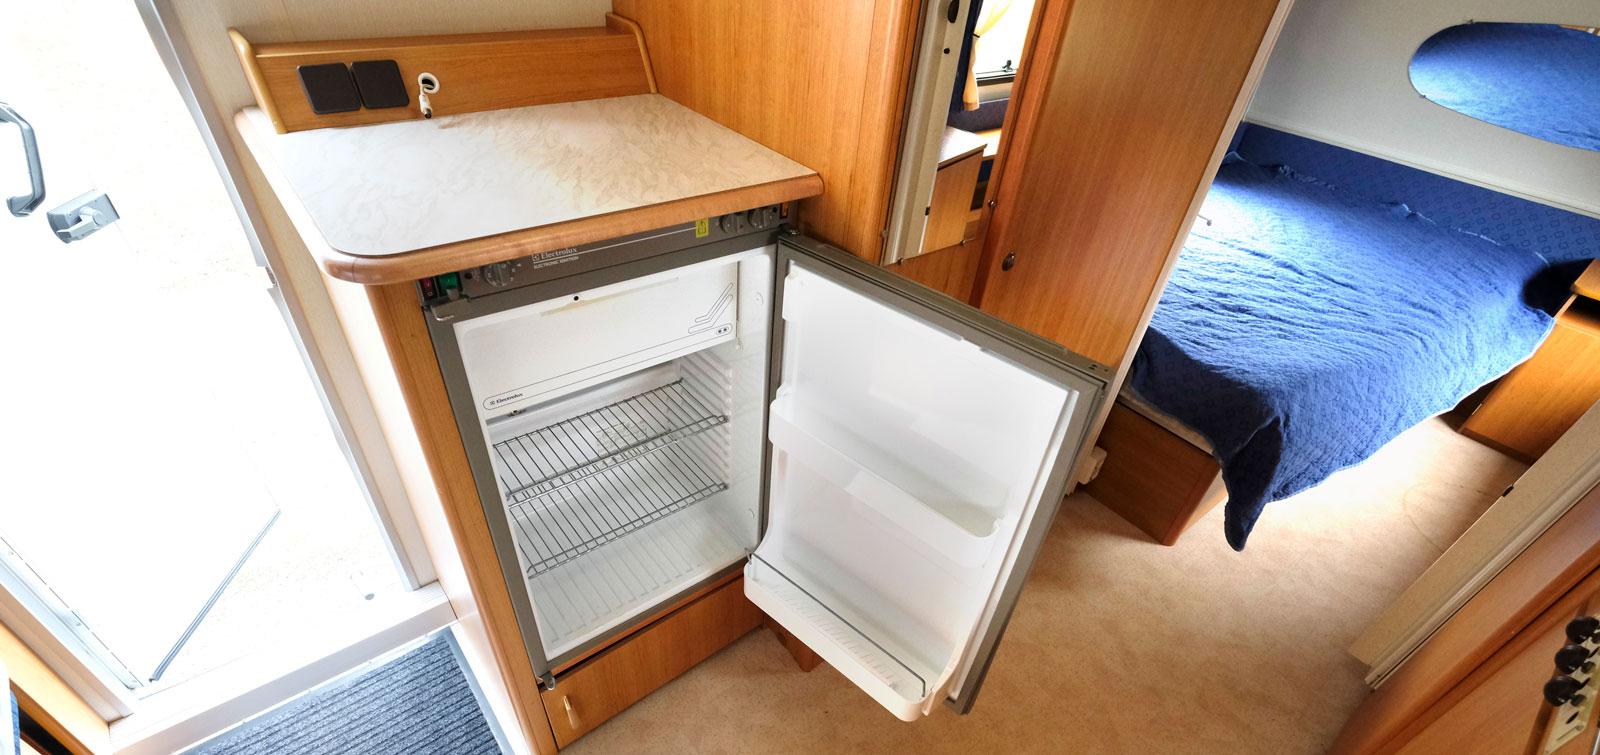 Kylskåpet är placerat mittemot köket bredvid hygienutrymmet.